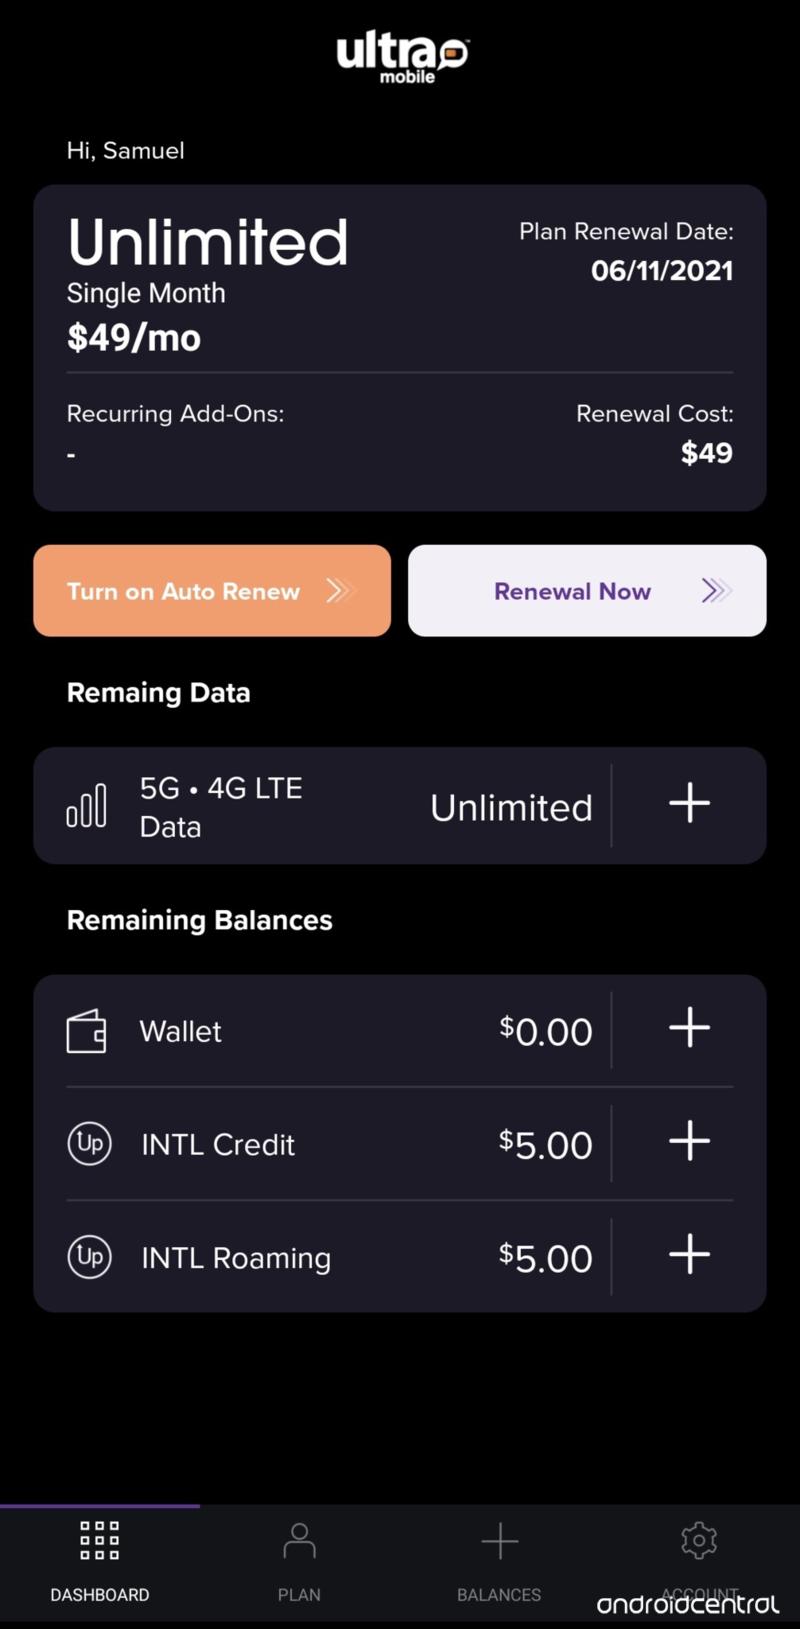 ultra-mobile-renewal-app-1.png